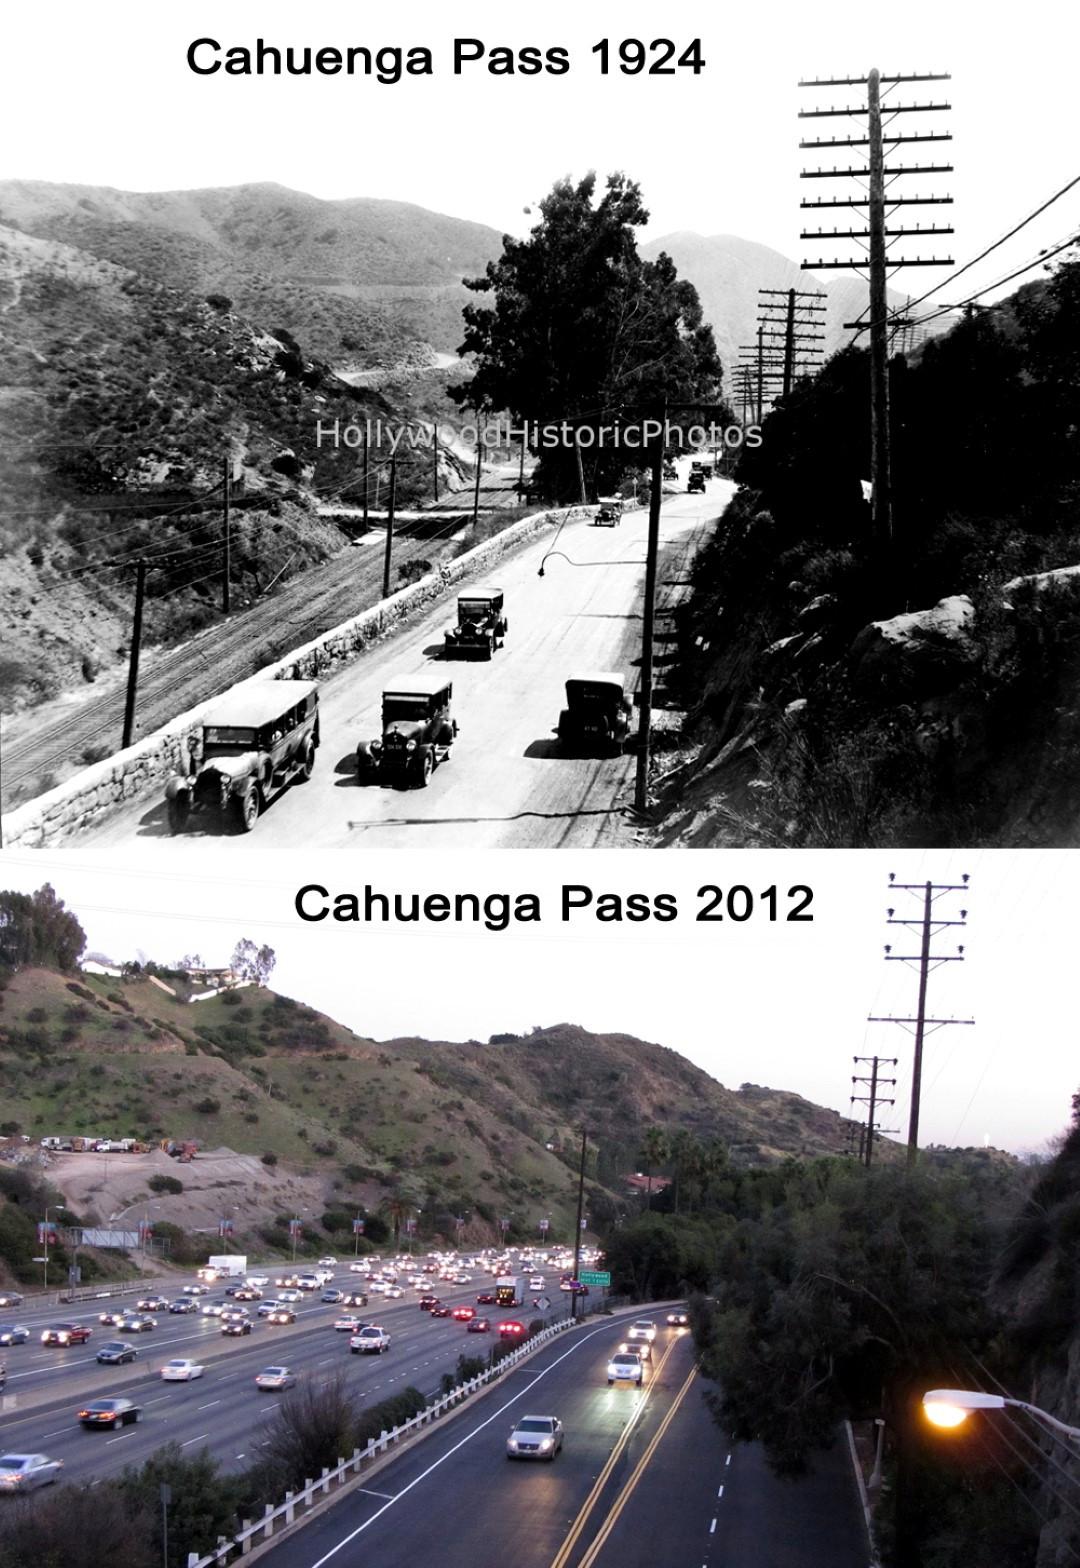 Cahuenga Pass 1924 & 2012